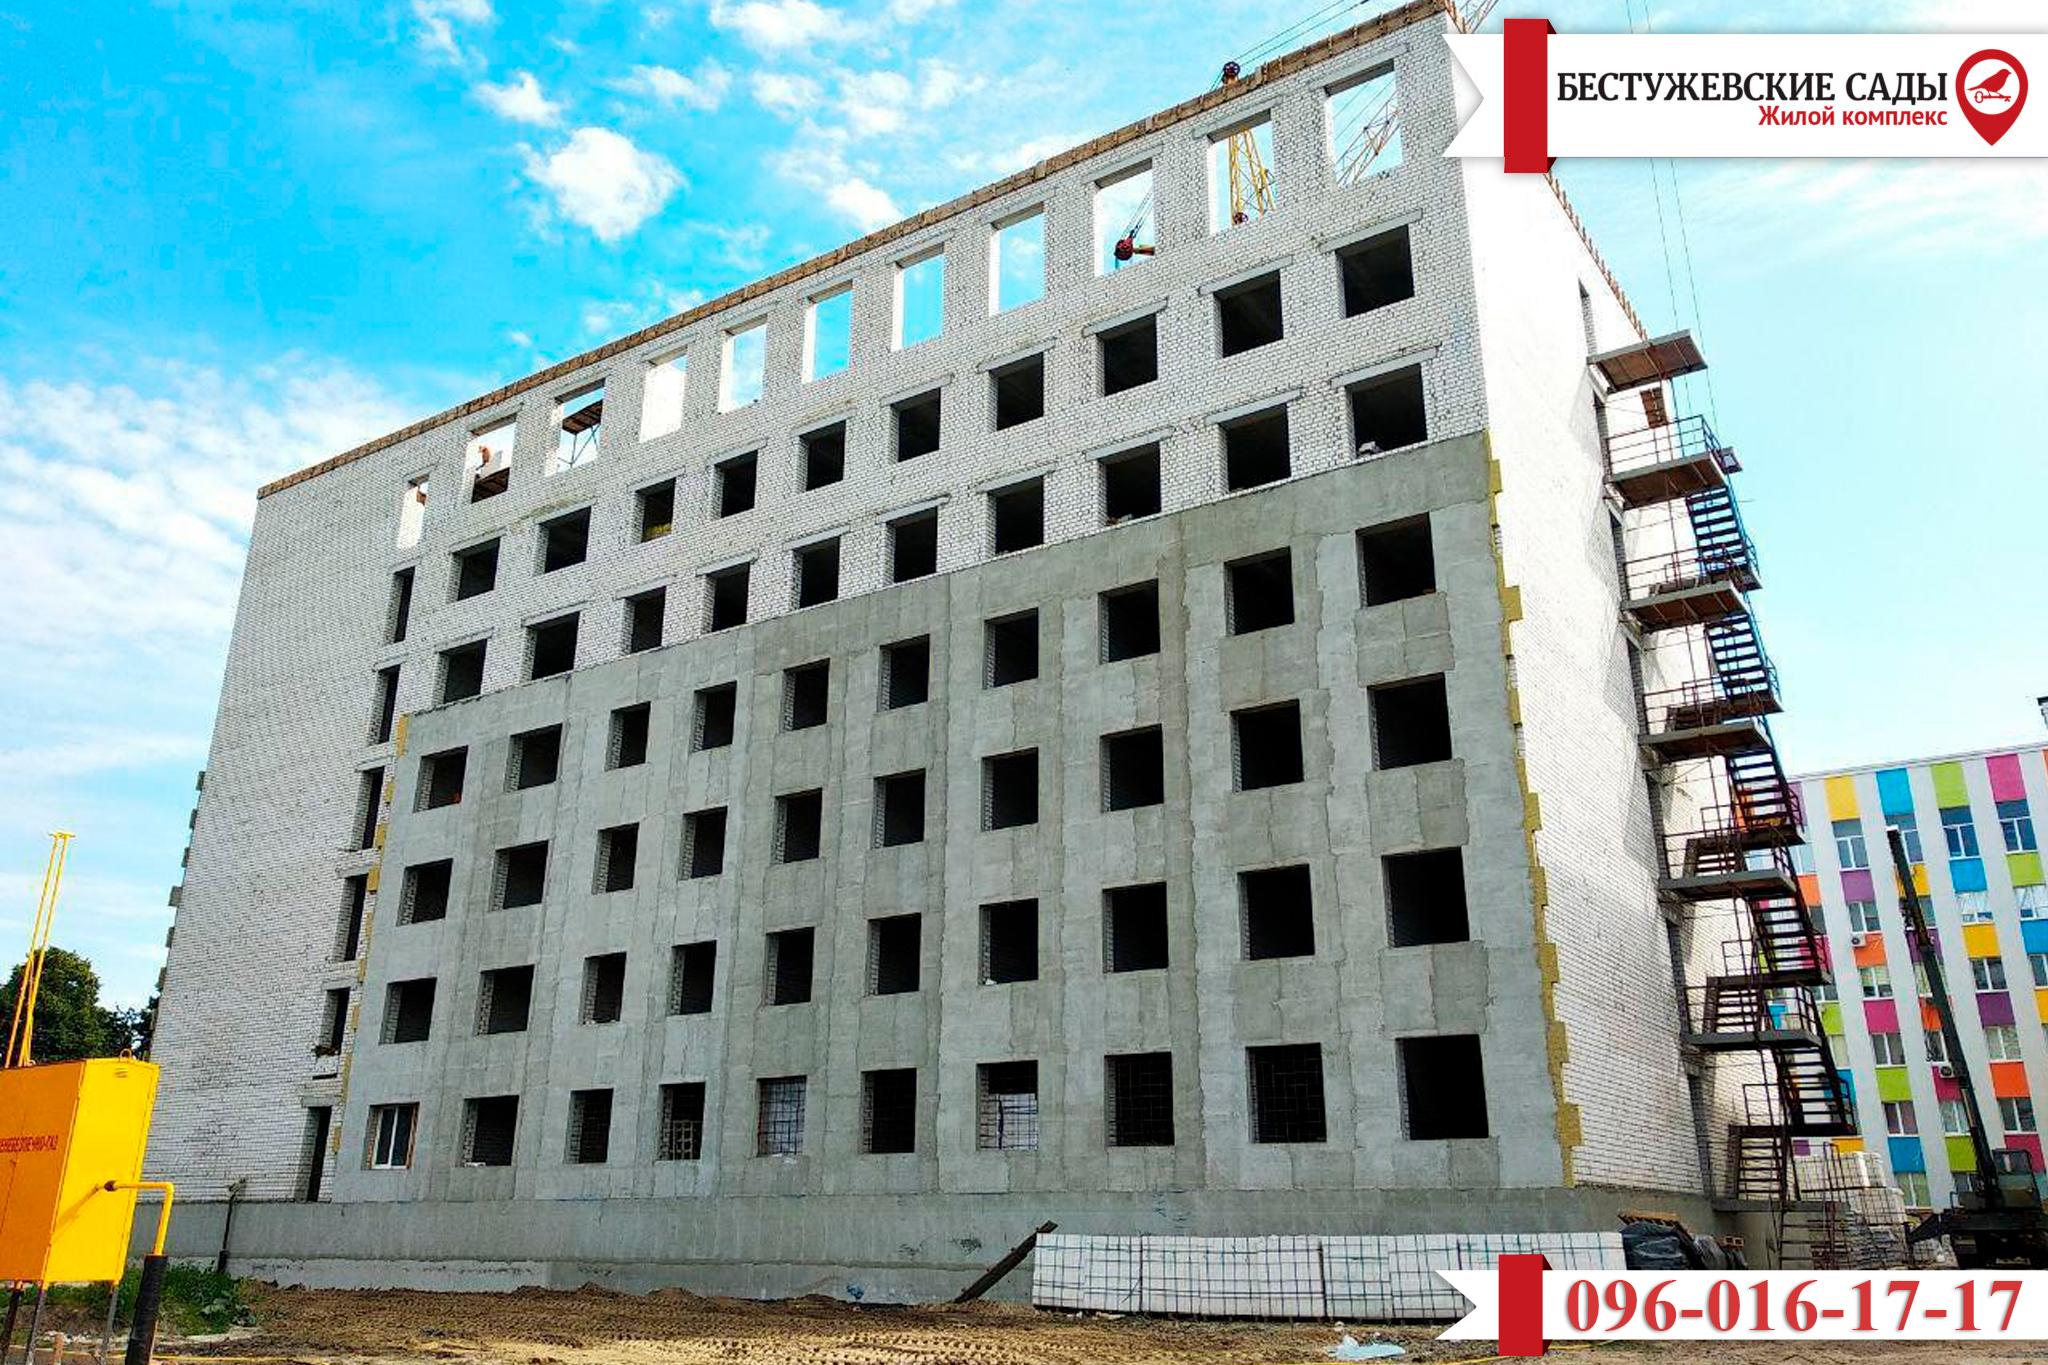 Свежие новости о строительстве ЖК «Бестужевские сады»